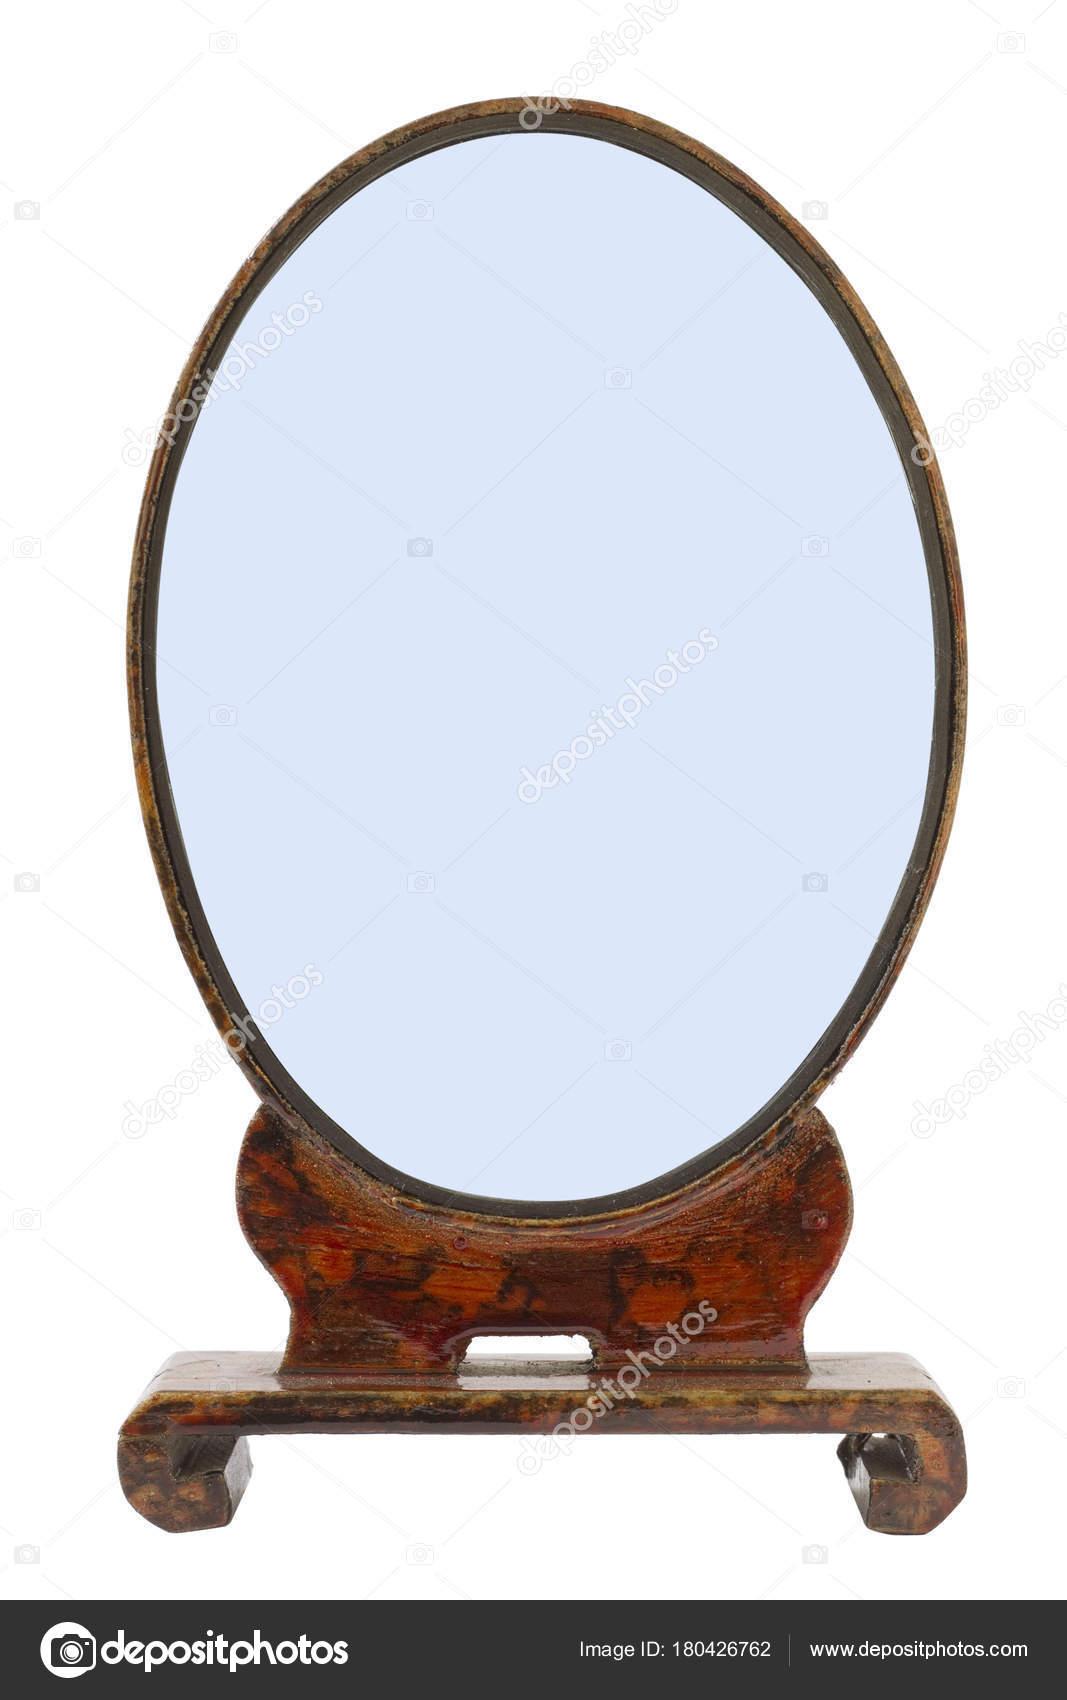 Oval marco de madera antiguo hecho a mano para el espejo de mi ...